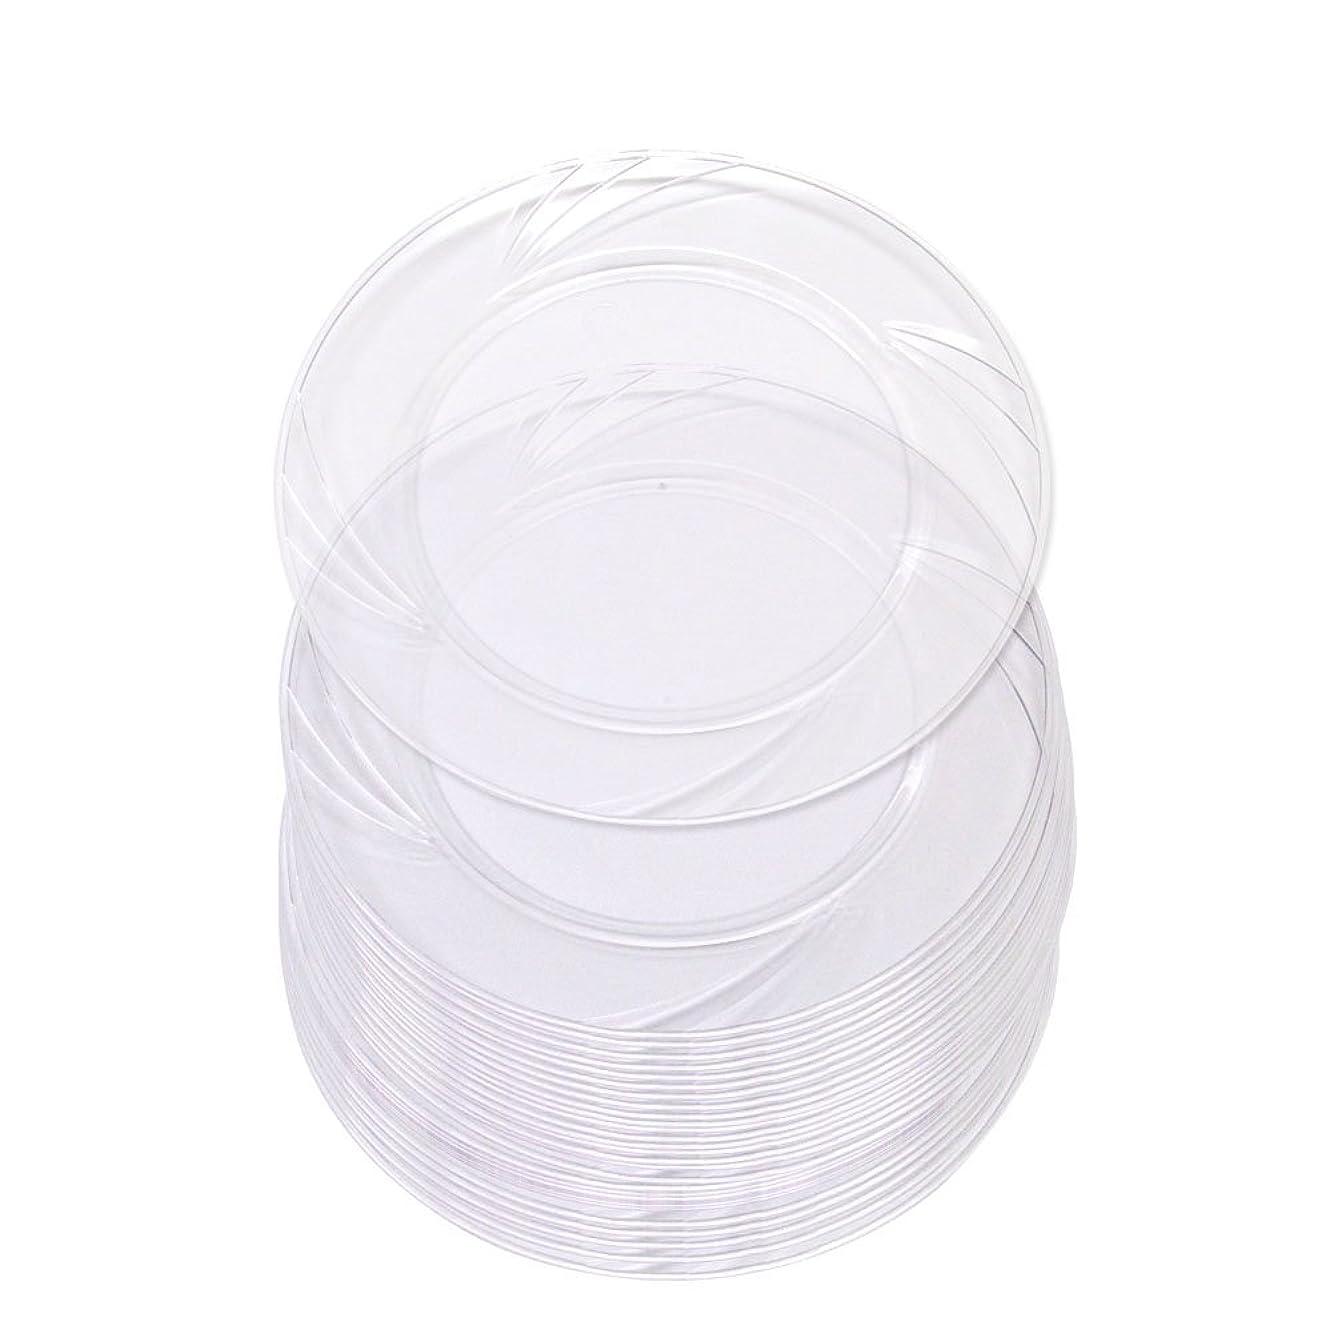 慎重に咽頭高品質透明プラスチック製6インチ丸皿 30枚 硬質プラスチック製使い捨てデザート/前菜用6インチパーティー皿